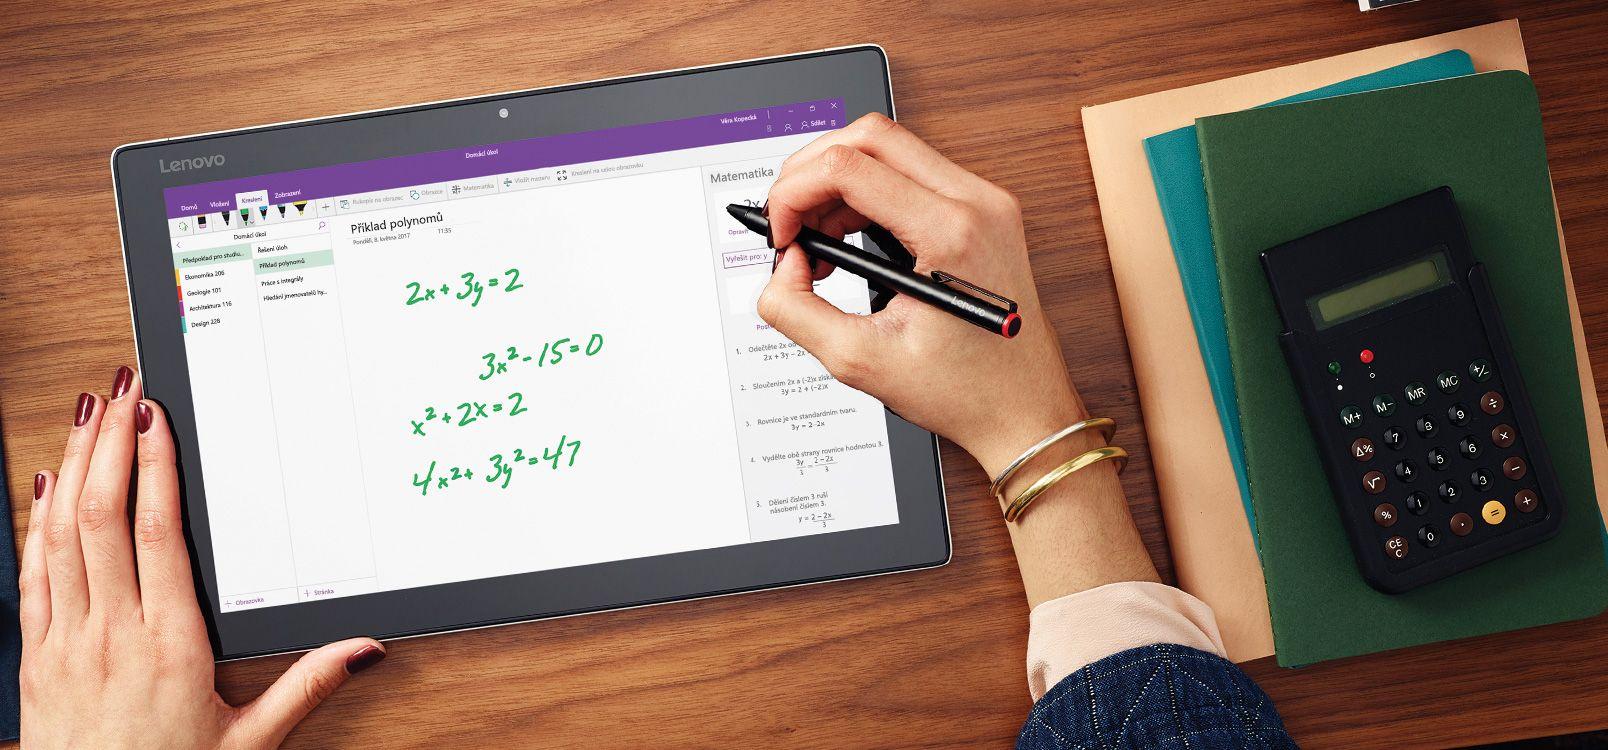 Obrazovka tabletu ukazující využití Pomocníka pro převod rukopisu na matematický zápis ve OneNotu